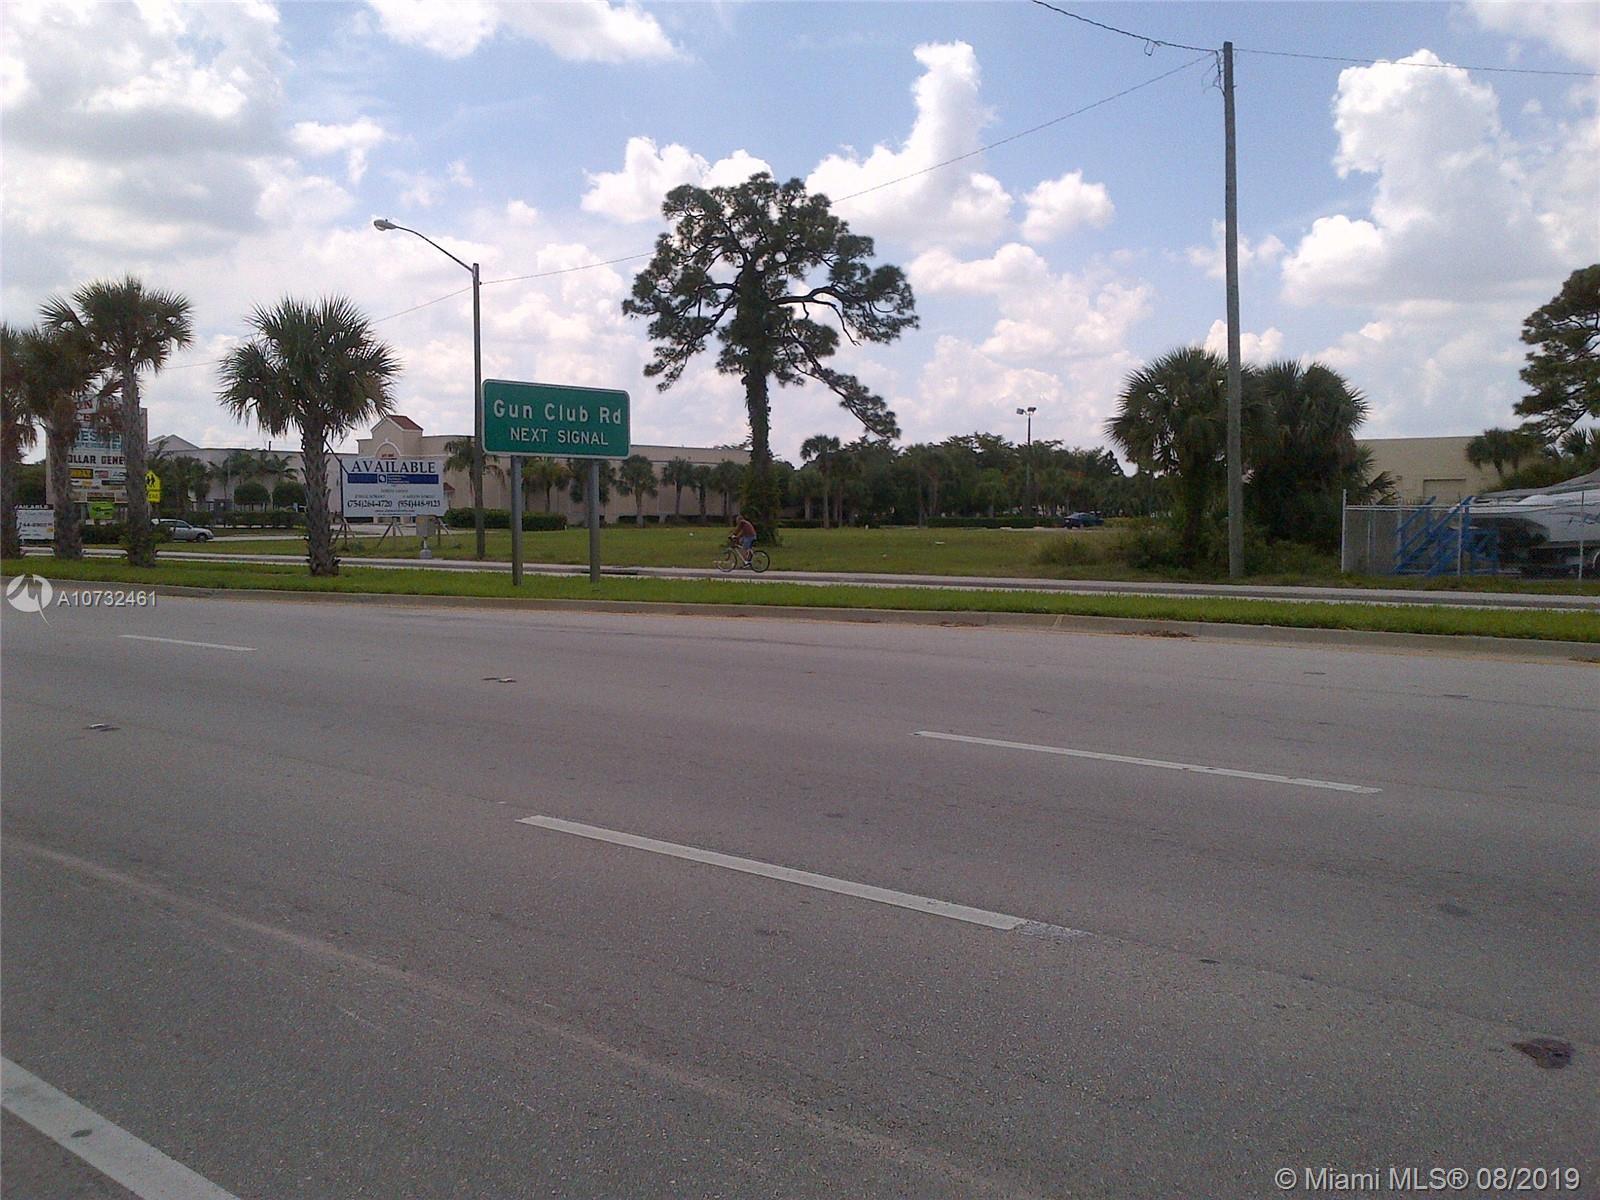 181 S Military Trl, West Palm Beach, FL 33415